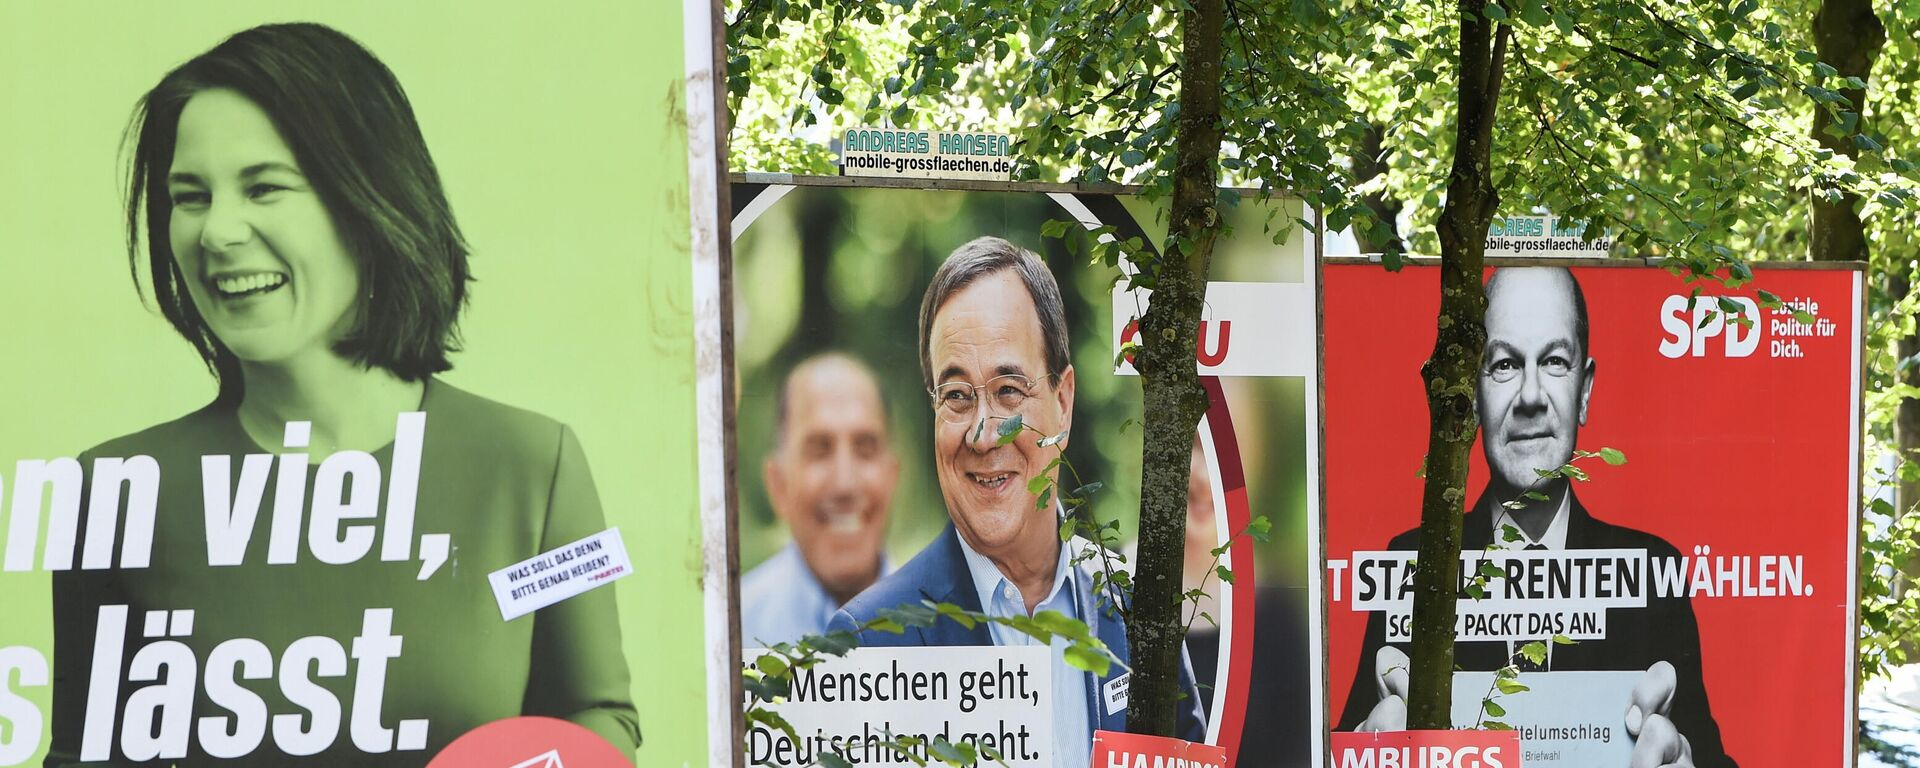 Wahlkampagne in Deutschland - SNA, 1920, 03.09.2021